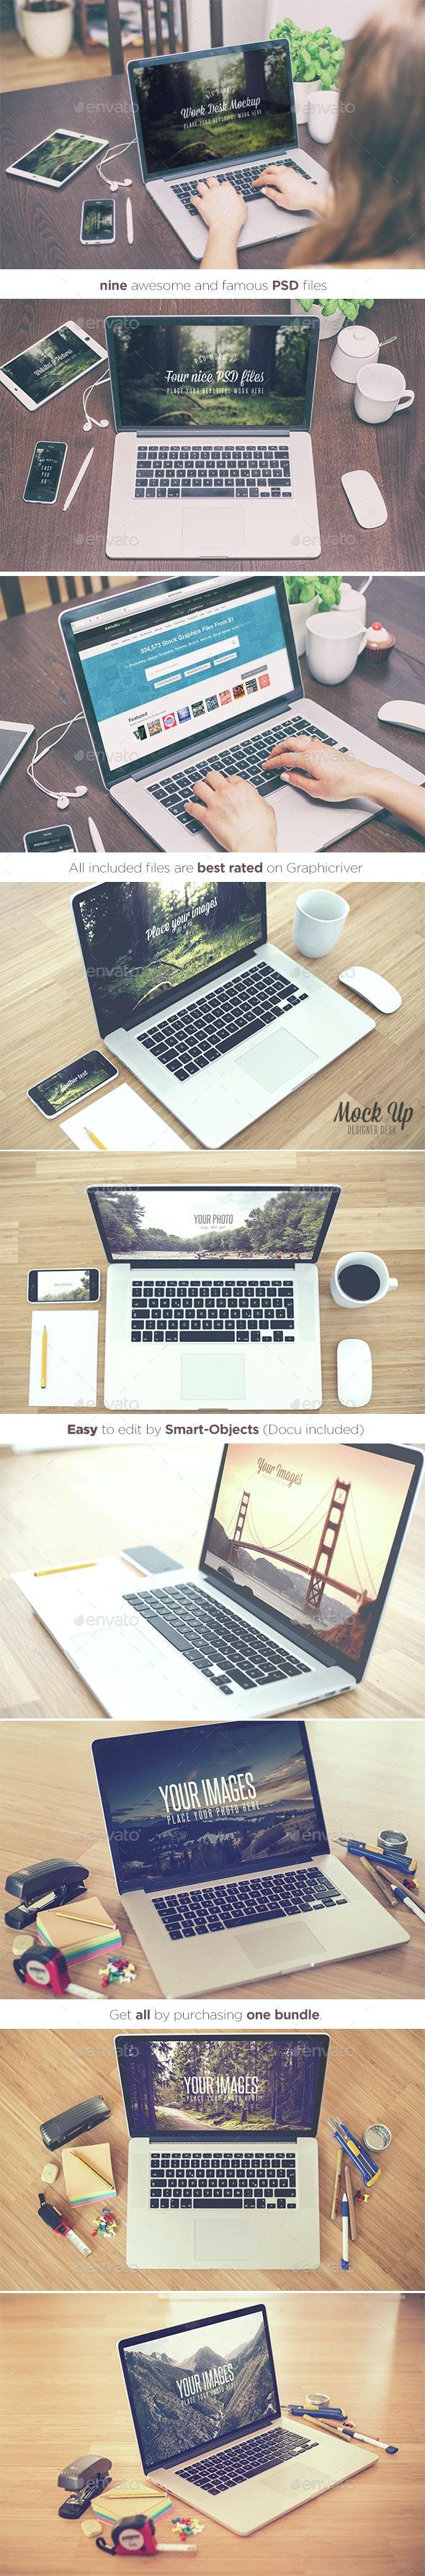 Work Desks - Realistic Mock Up - Bundle  - Displays Product Mock-Ups